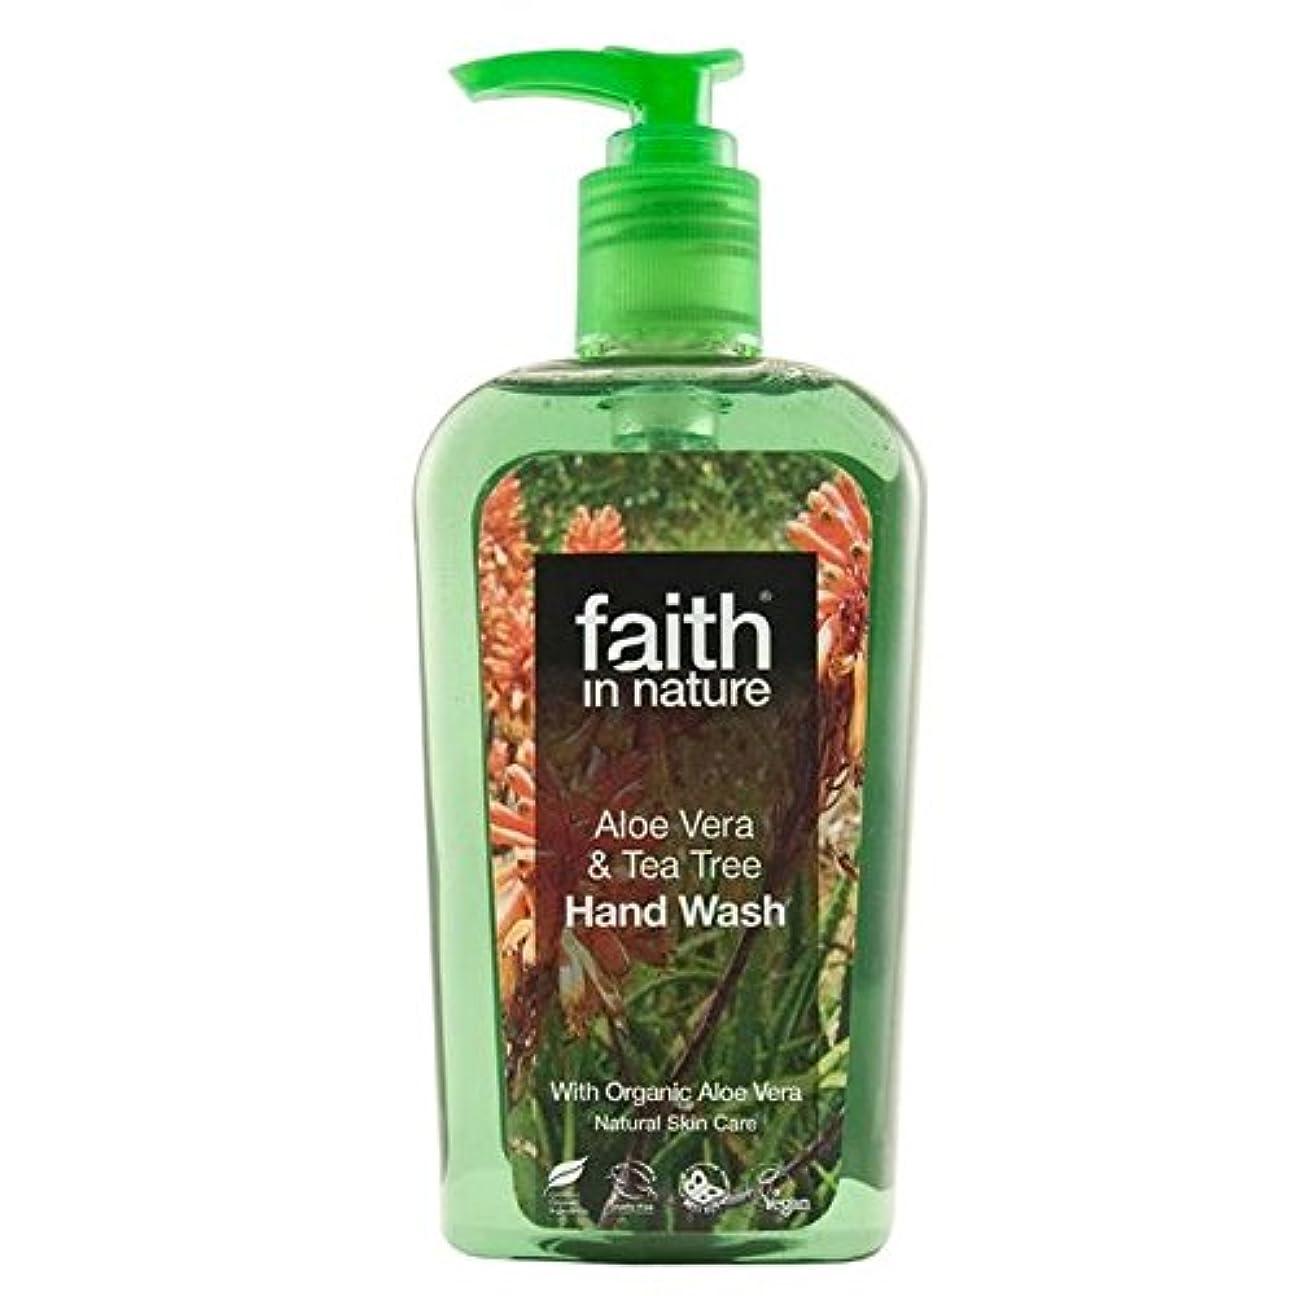 弓軽蔑新しさFaith in Nature Aloe Vera & Tea Tree Handwash 300ml (Pack of 4) - (Faith In Nature) 自然のアロエベラ&ティーツリー手洗いの300ミリリットル...